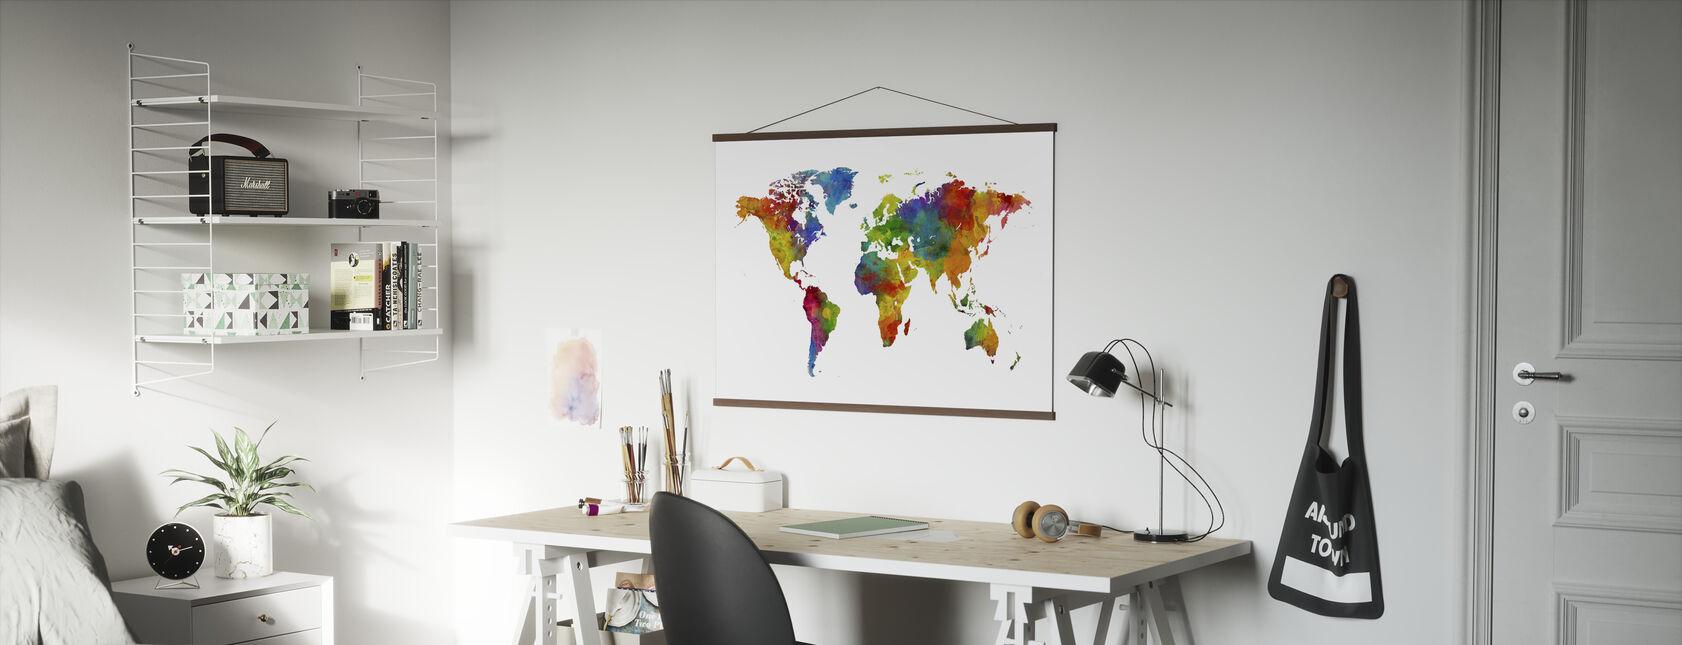 Akvarel verdenskort flerfarvet - Plakat - Kontor